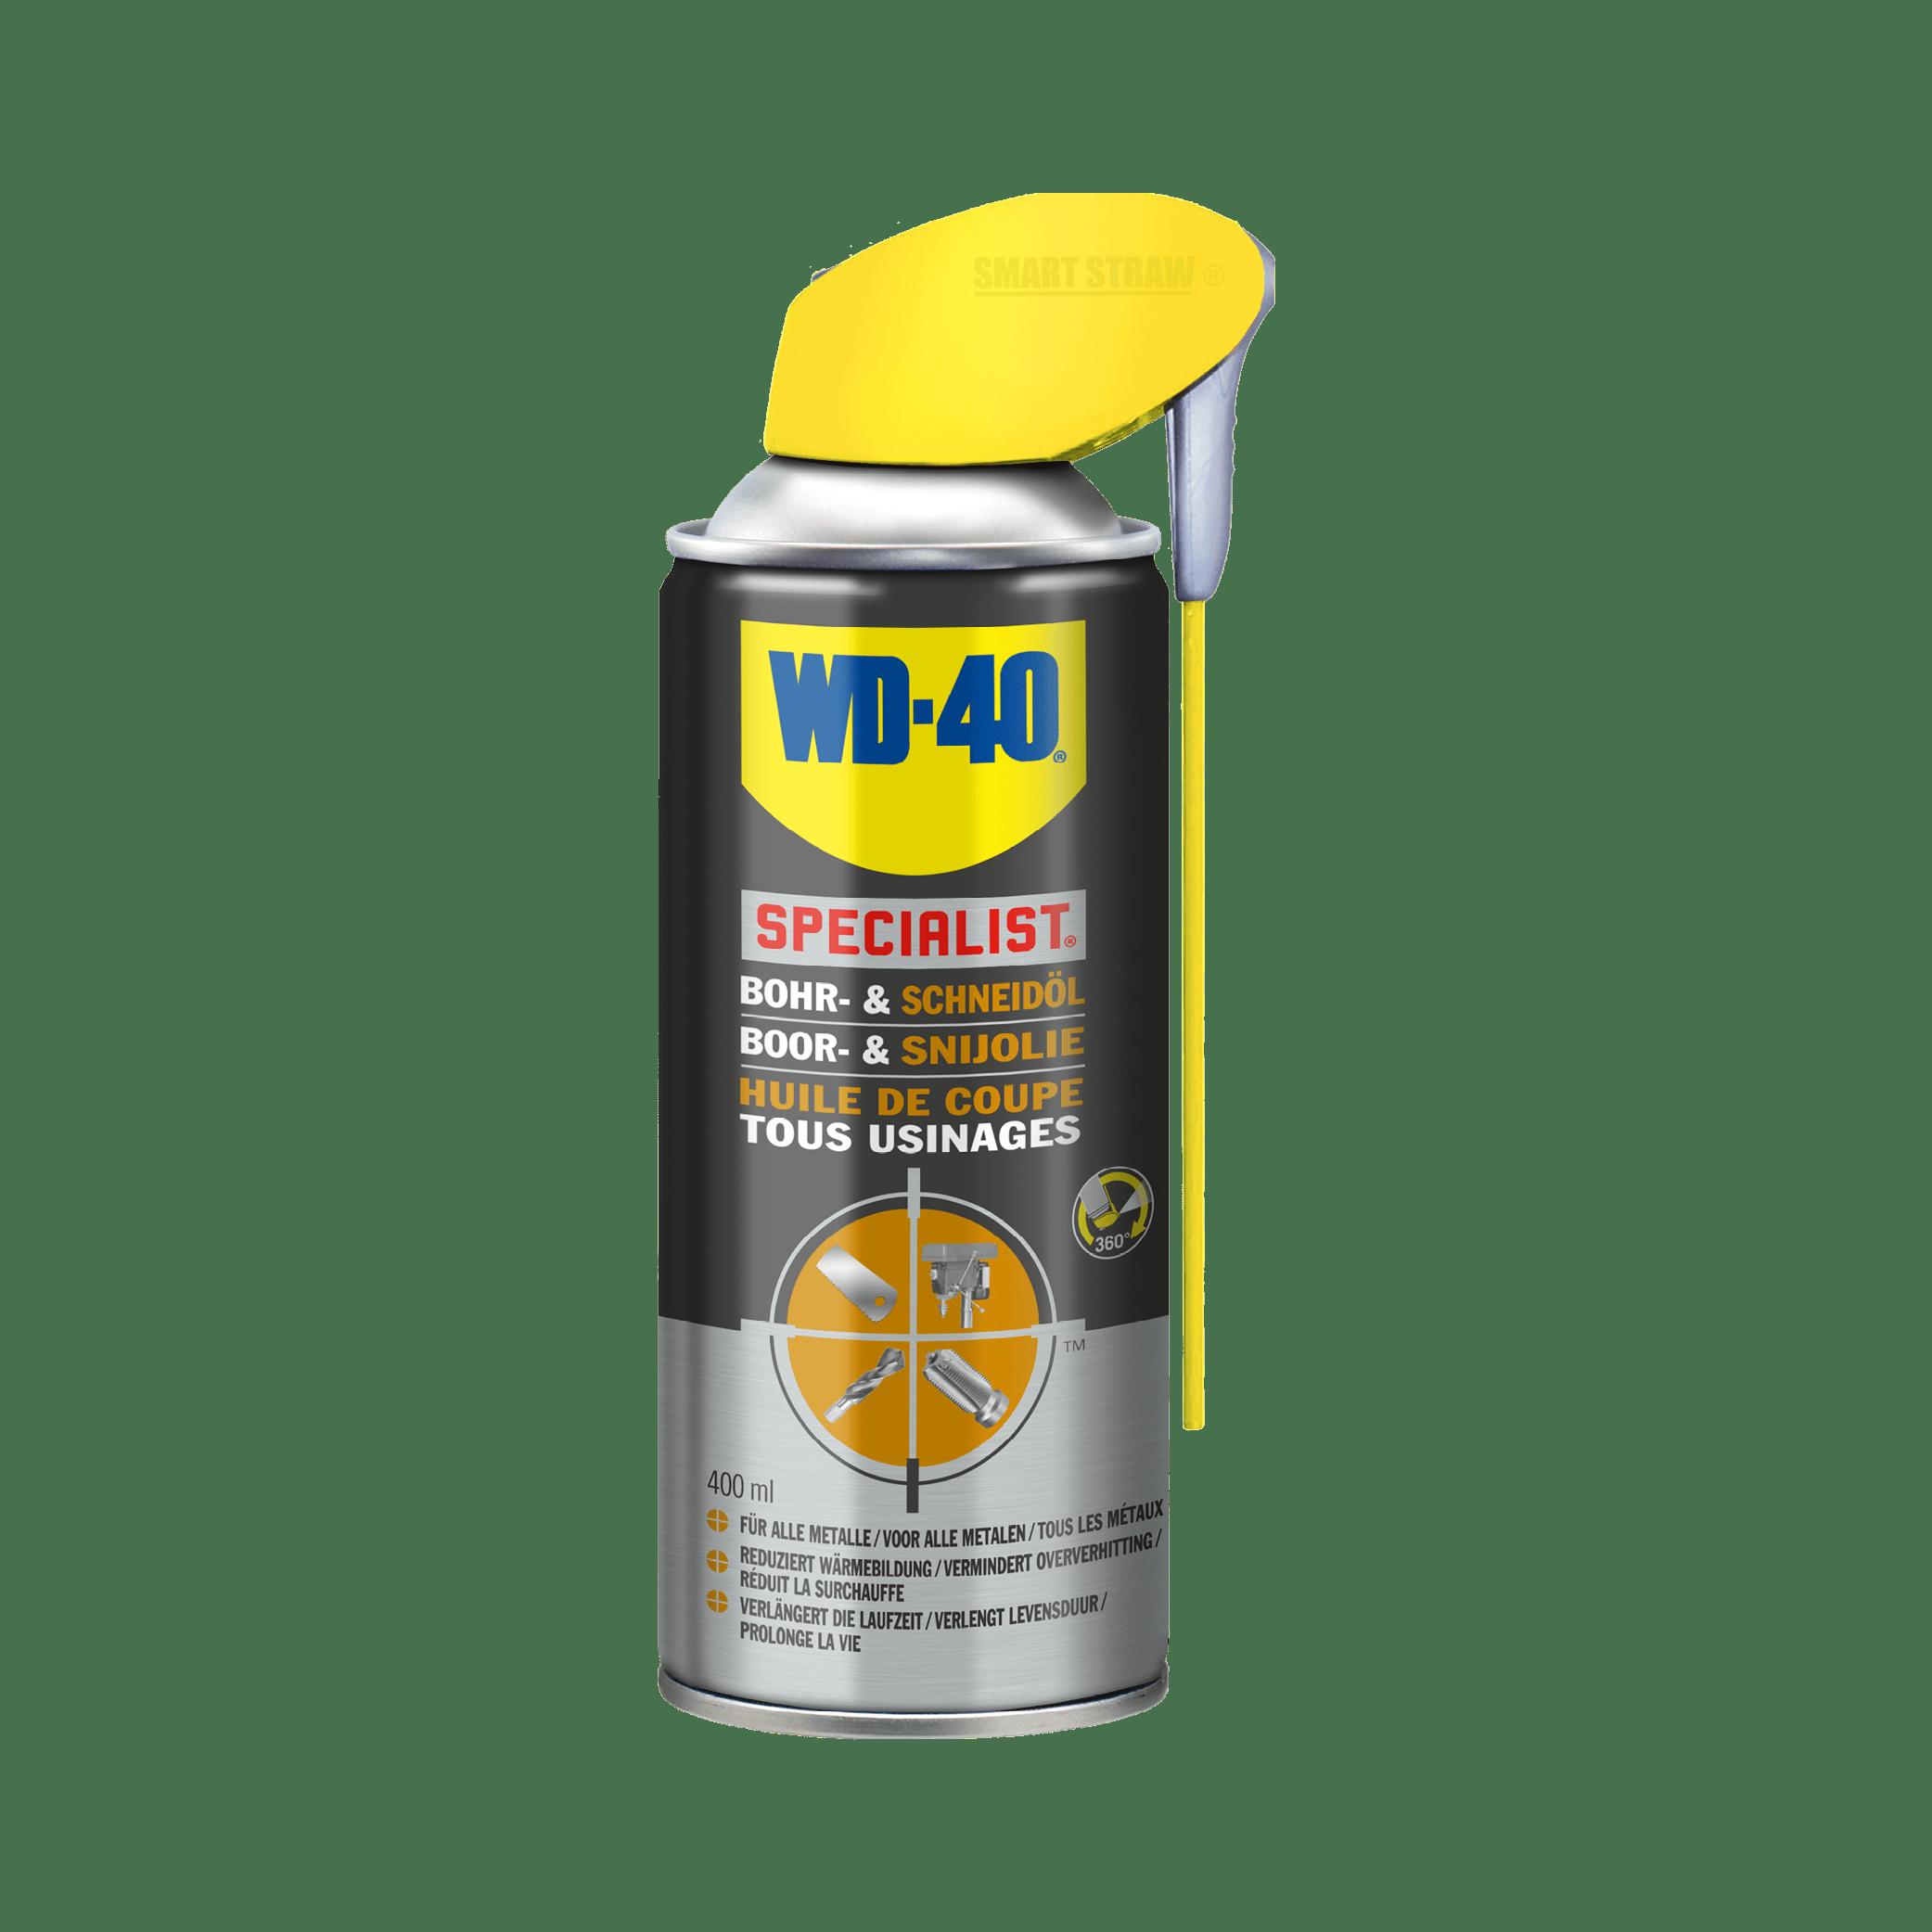 WD-40-Specialist-Boor-En-Snijolie-1000x1000